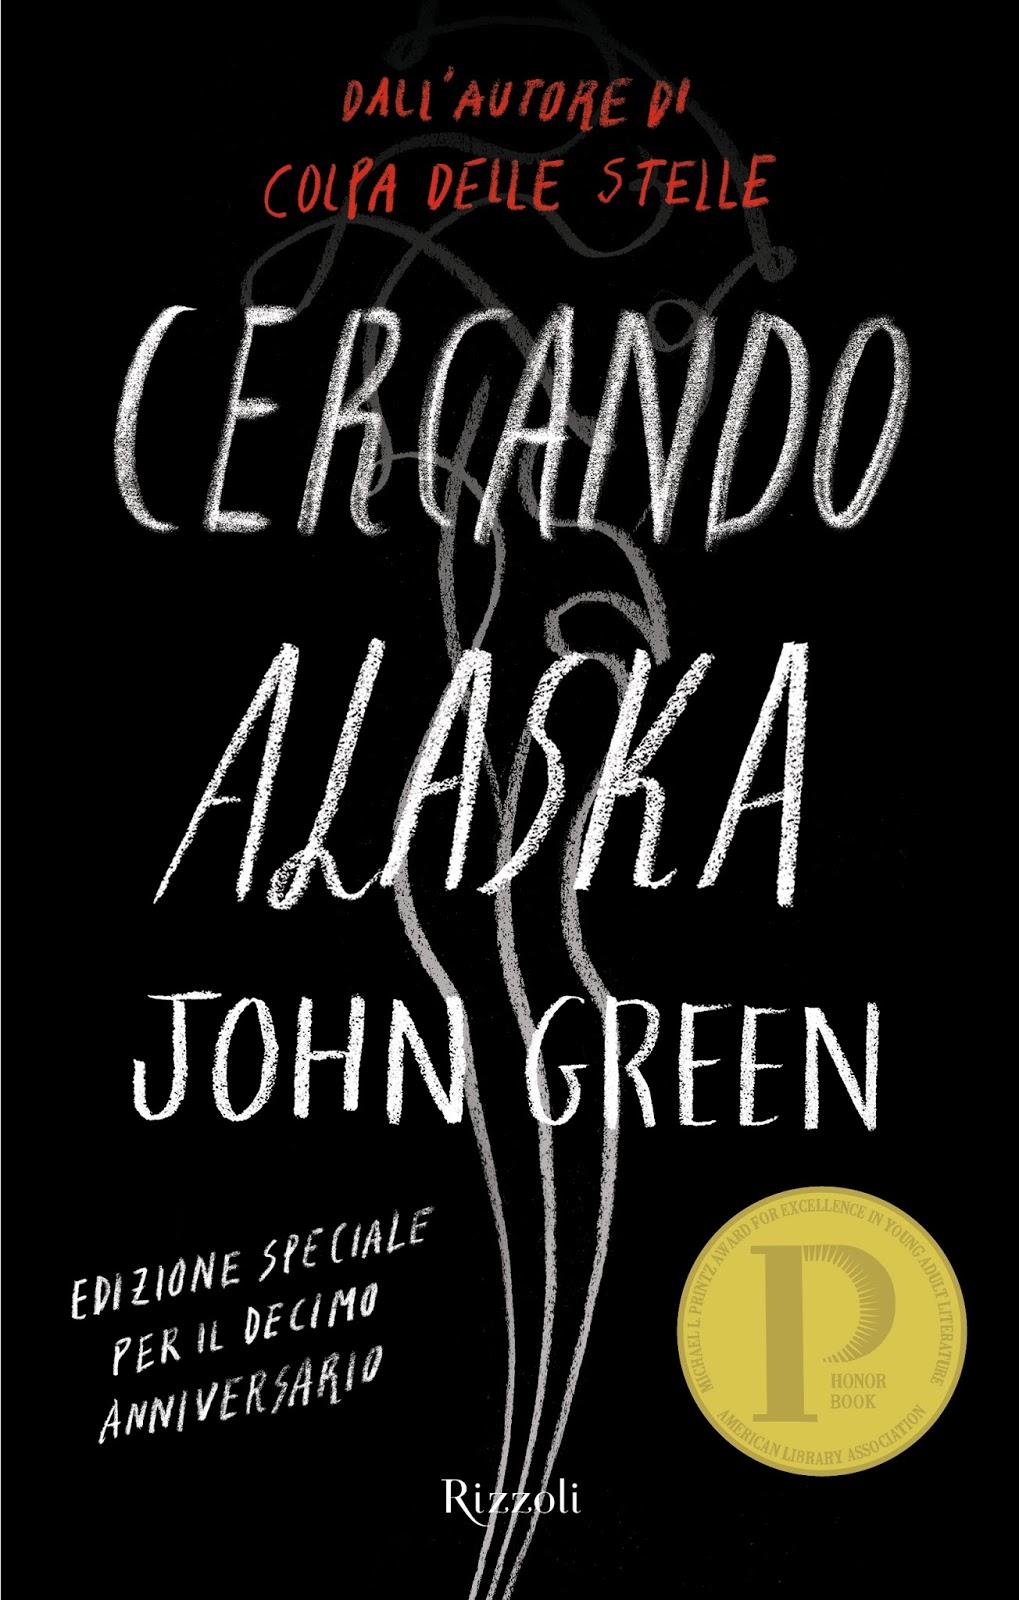 Cercando Alaska - John Green.